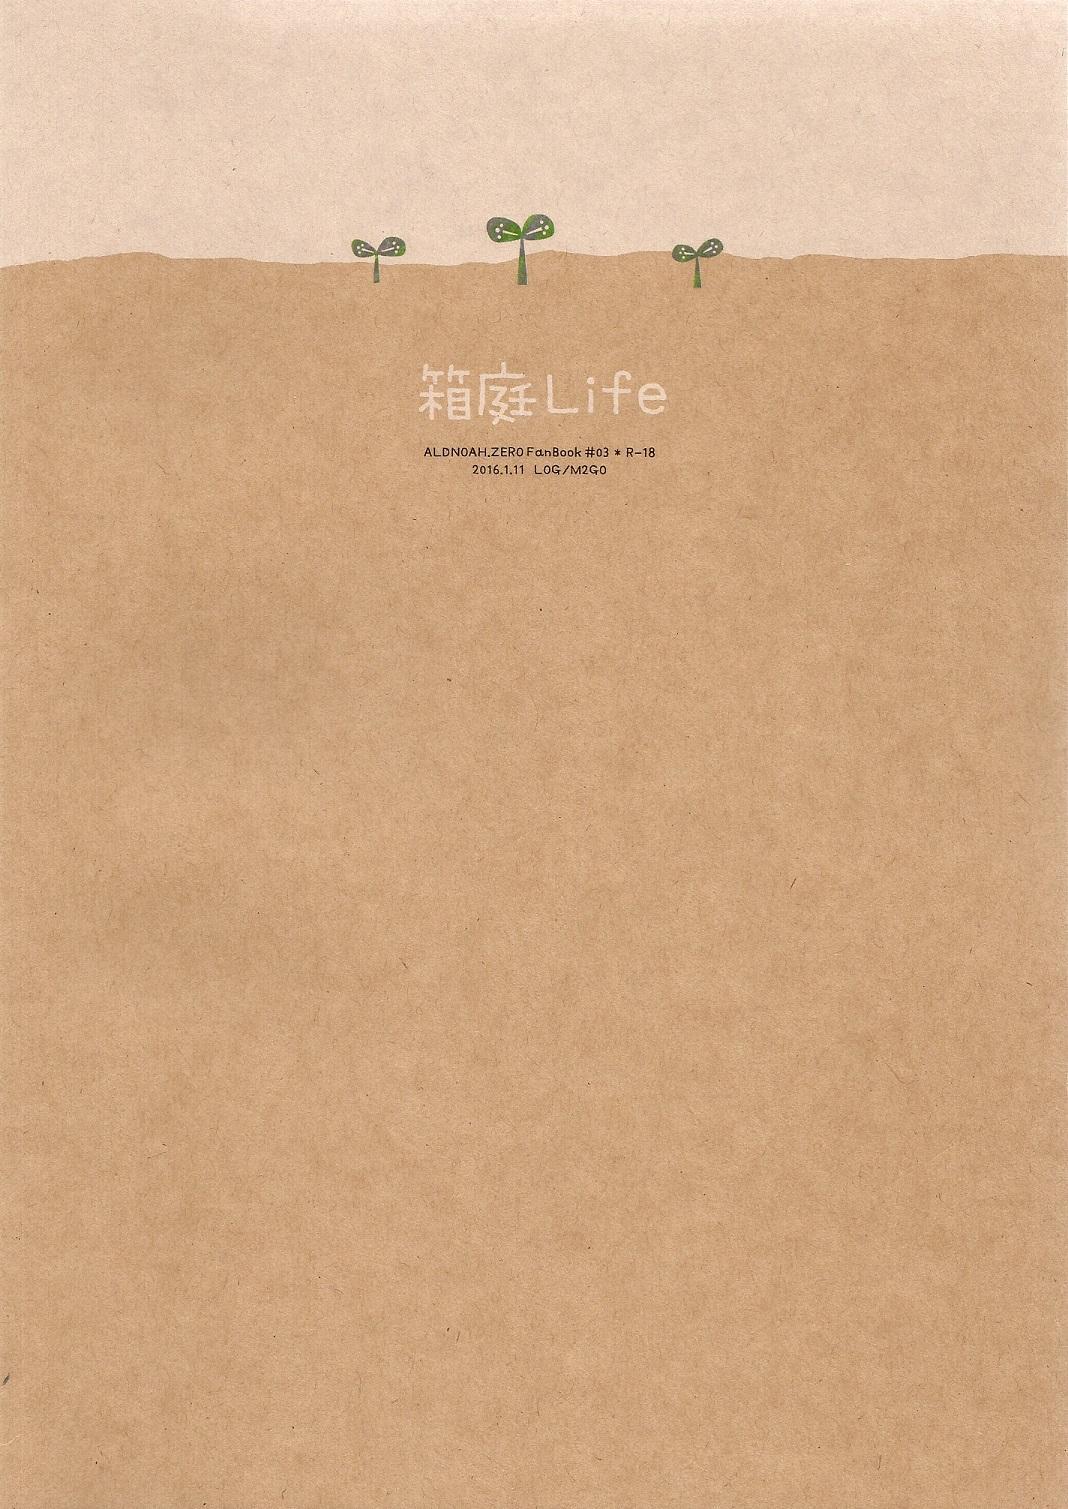 Hakoniwa Life 1